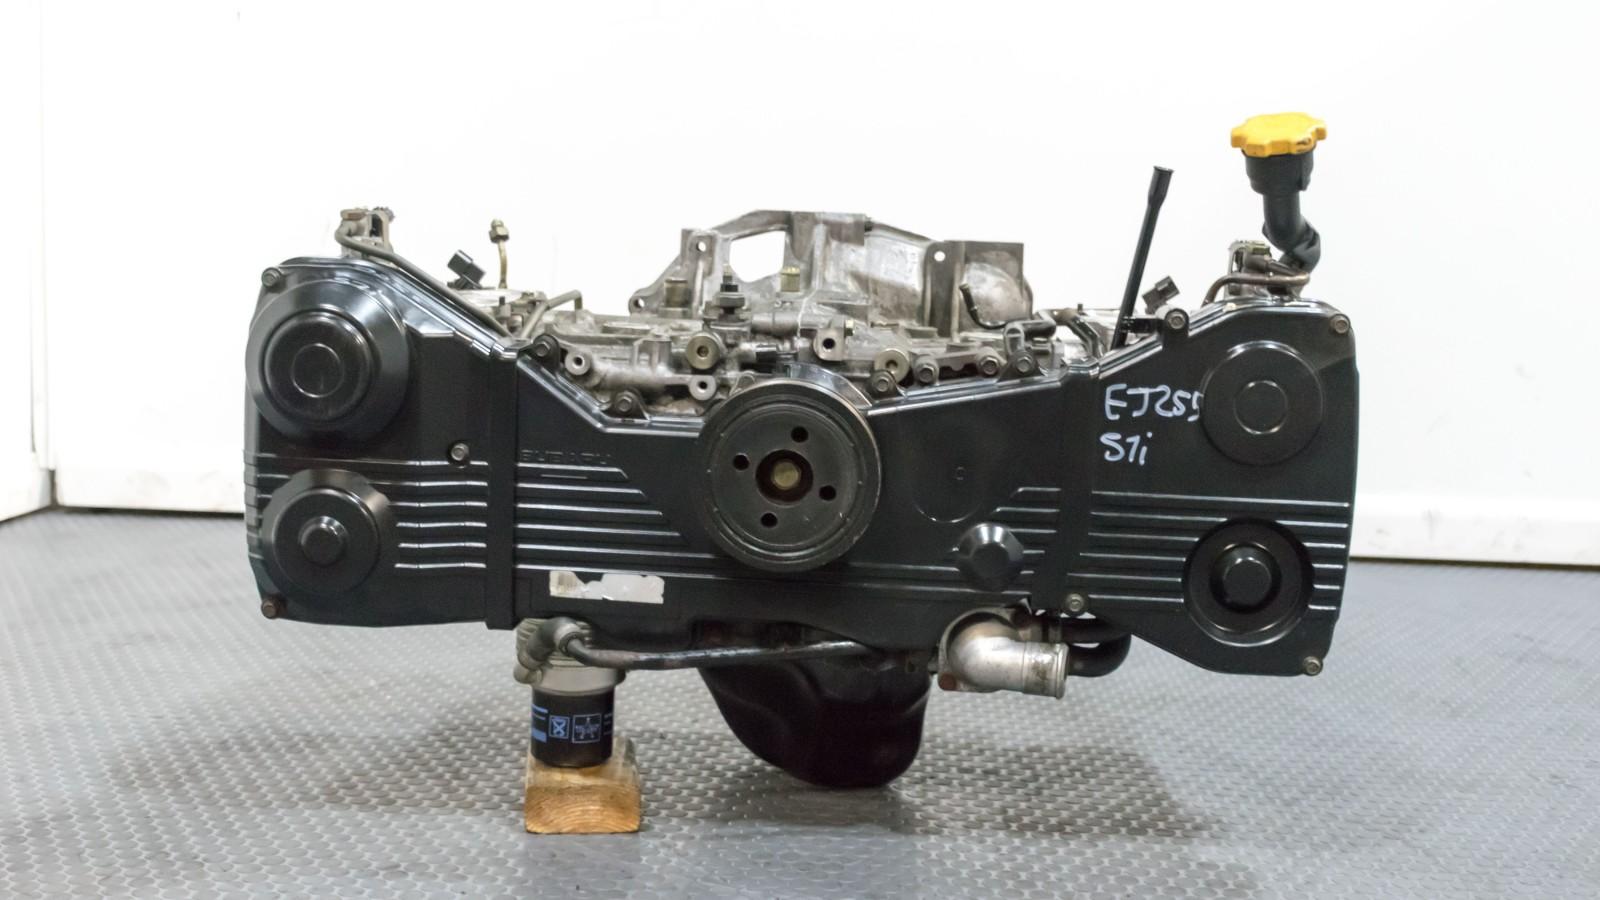 JDM Subaru Forester STi EJ255 2 5L 04-07 Motor Long Block Swap For Sale  FSTI Drive by Wire (Electrical Throttle Body) WRX 06-07 STI 2004 2007